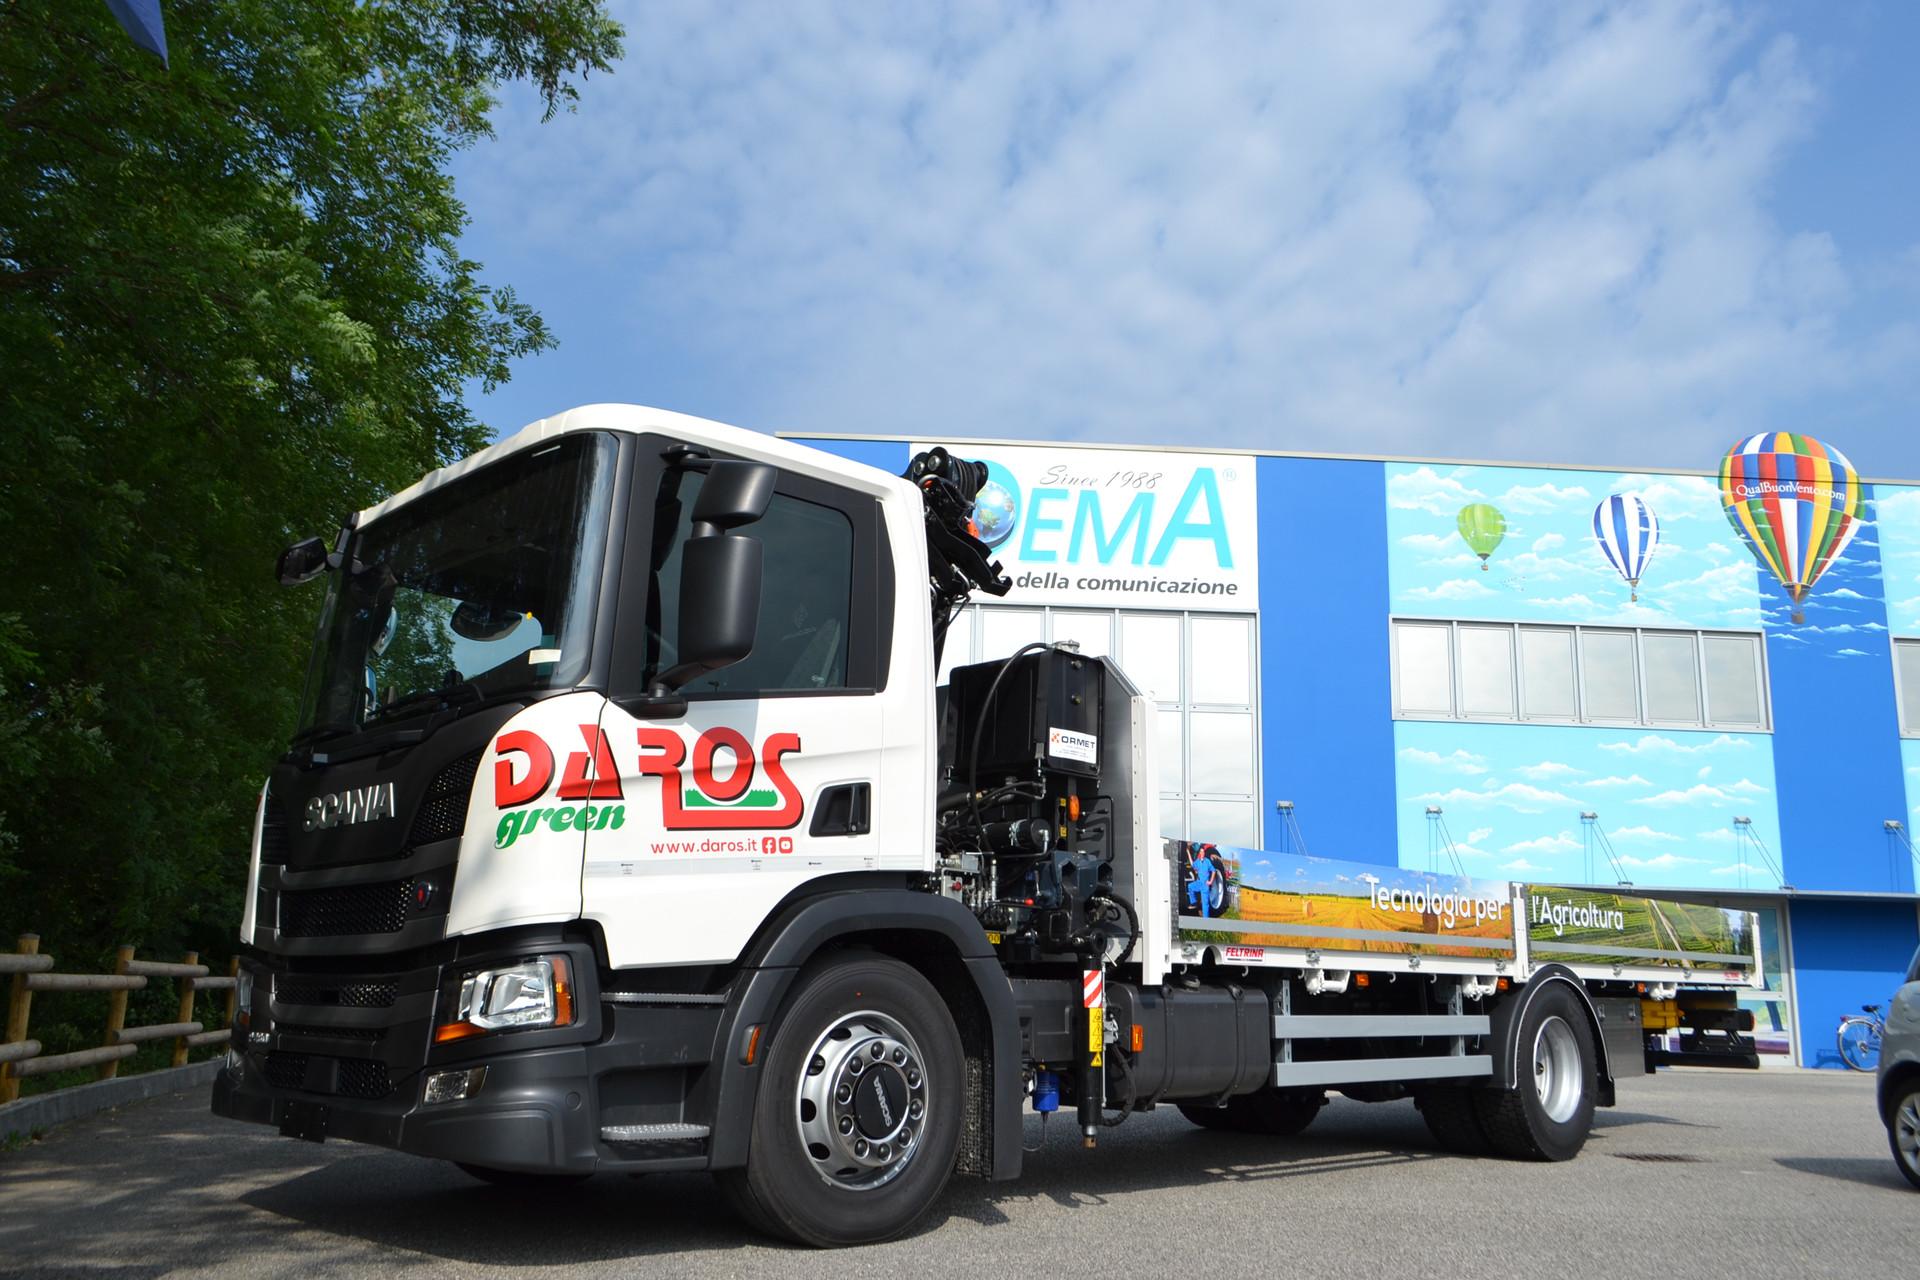 Decorazione con pvc stampa e taglio camion